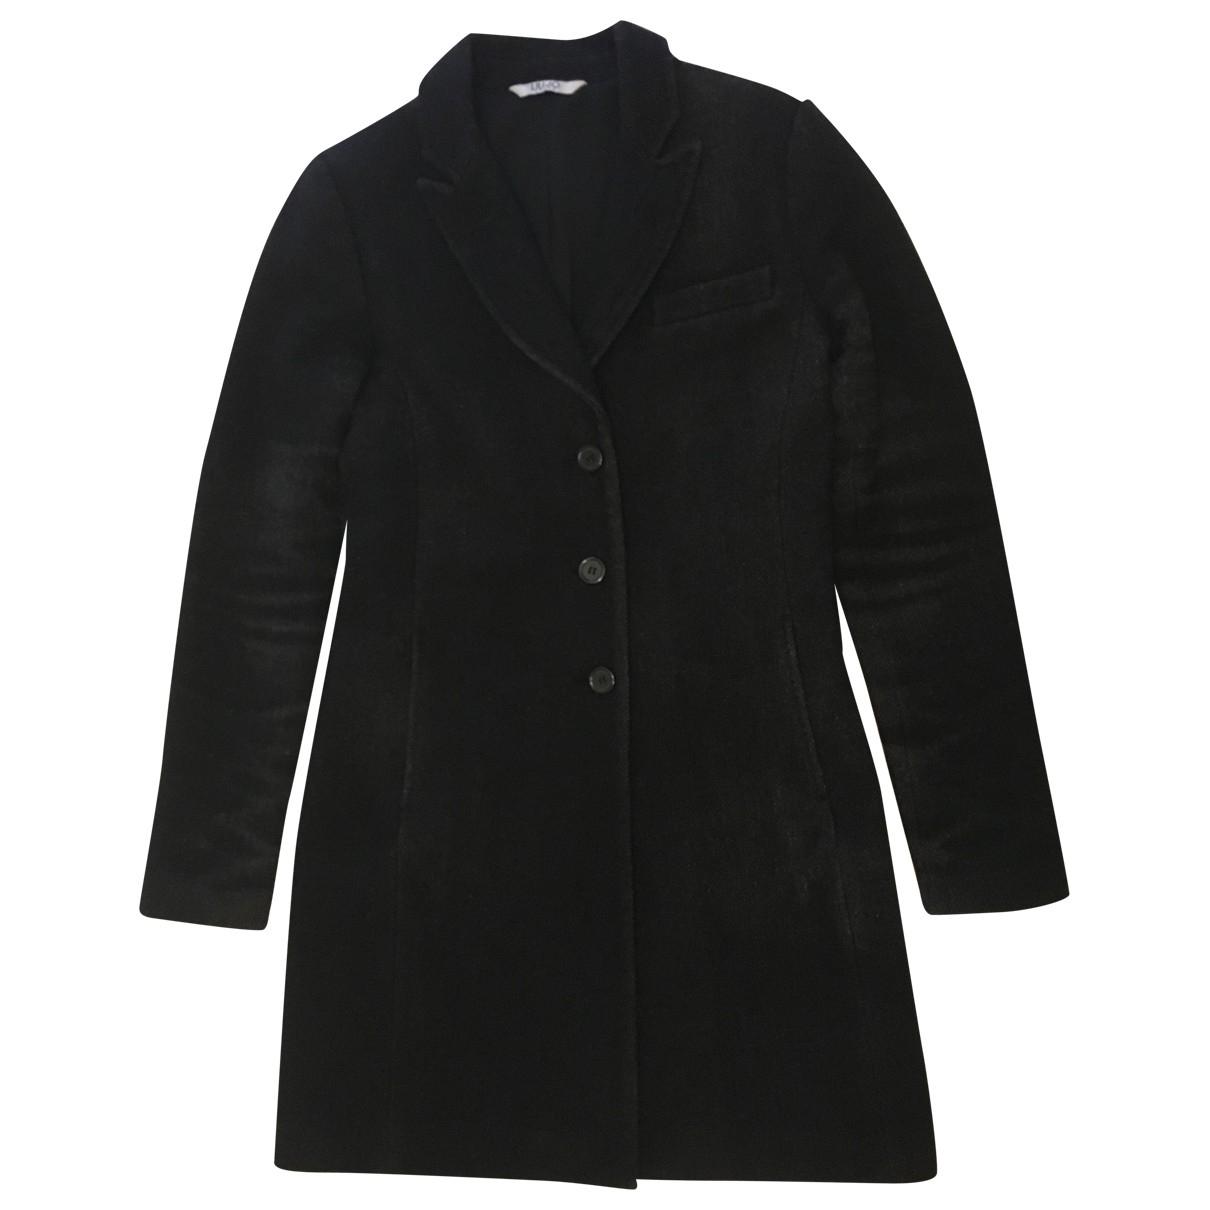 Liu.jo \N Anthracite Wool coat for Women 42 IT